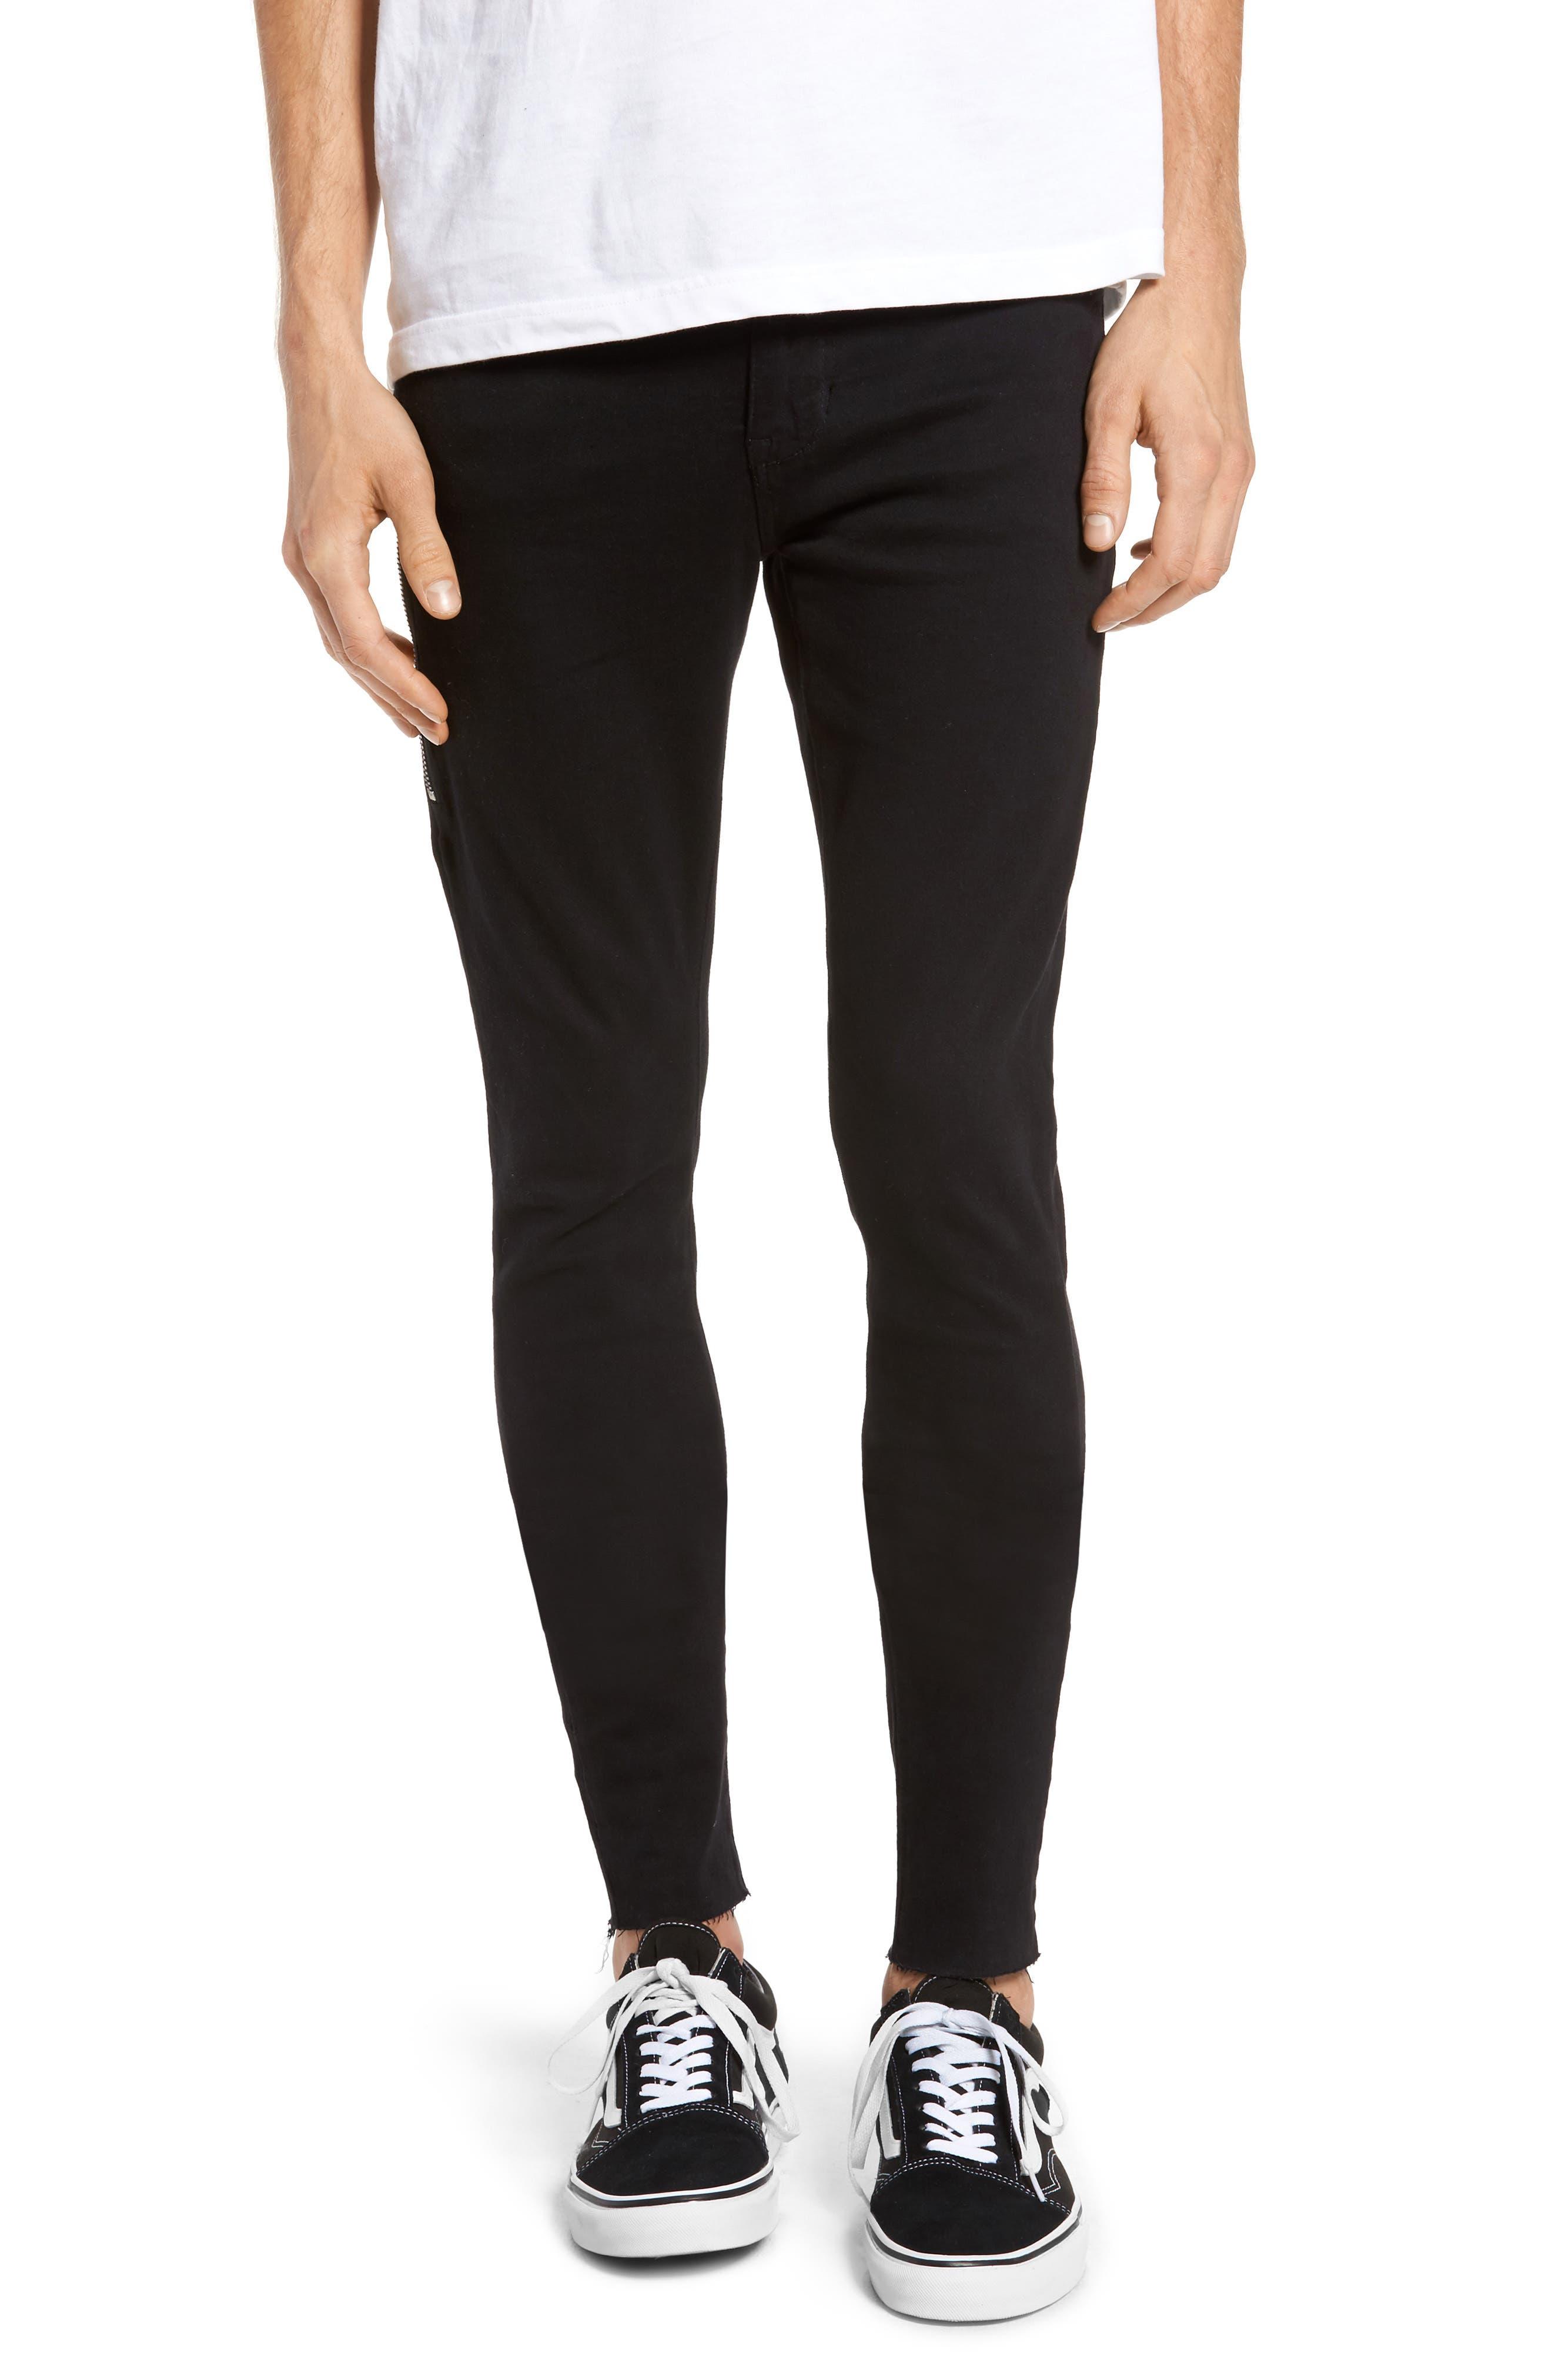 Alternate Image 1 Selected - Dr. Denim Supply Co. Leroy Skinny Fit Jeans (Black Punk)